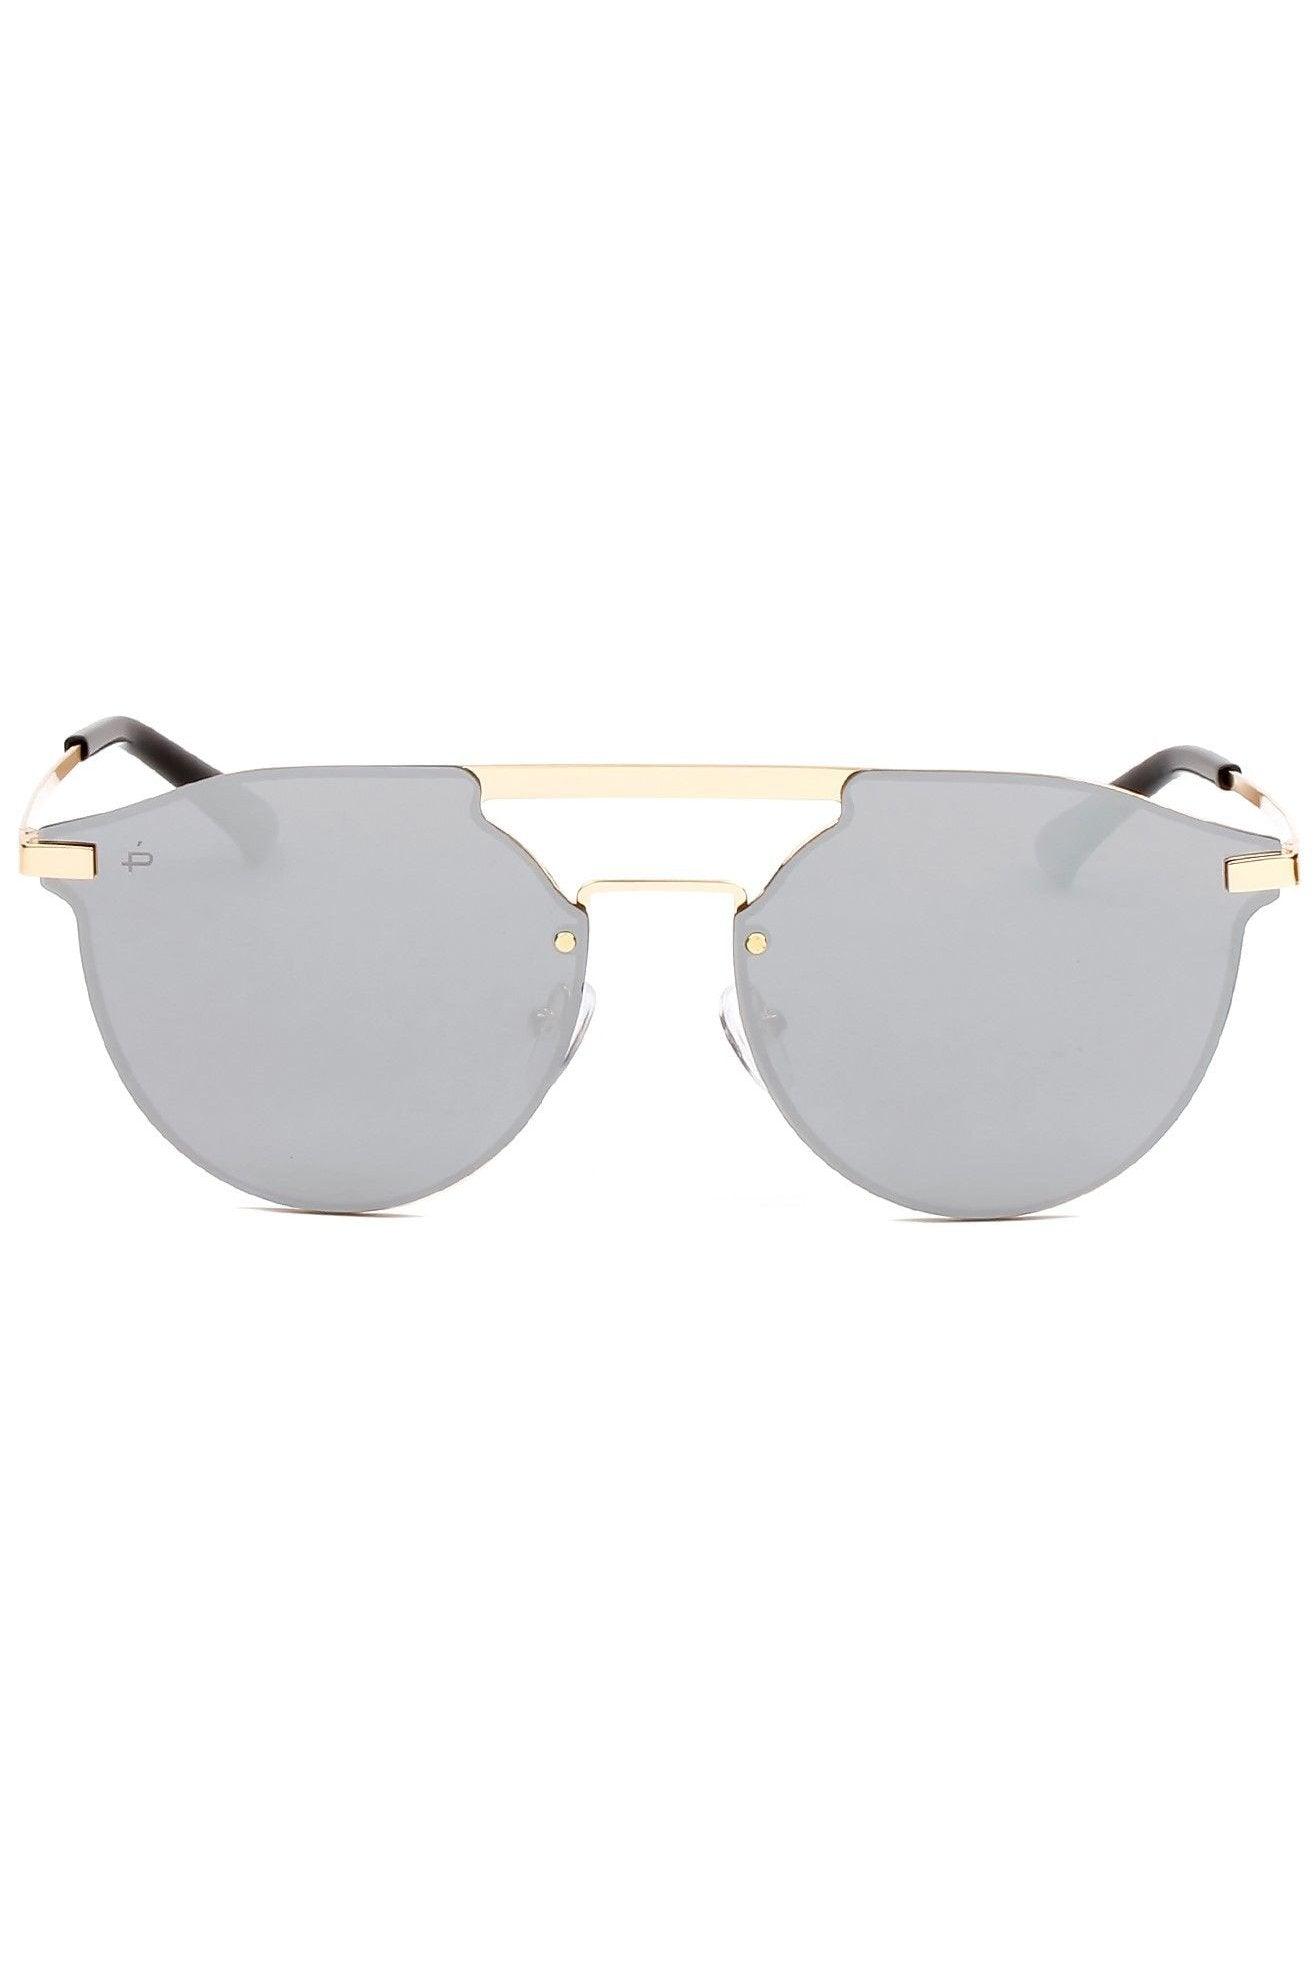 PRIVE REVAUX The Parisian Sunglasses | Silver| Prive Revaux The Pariasian